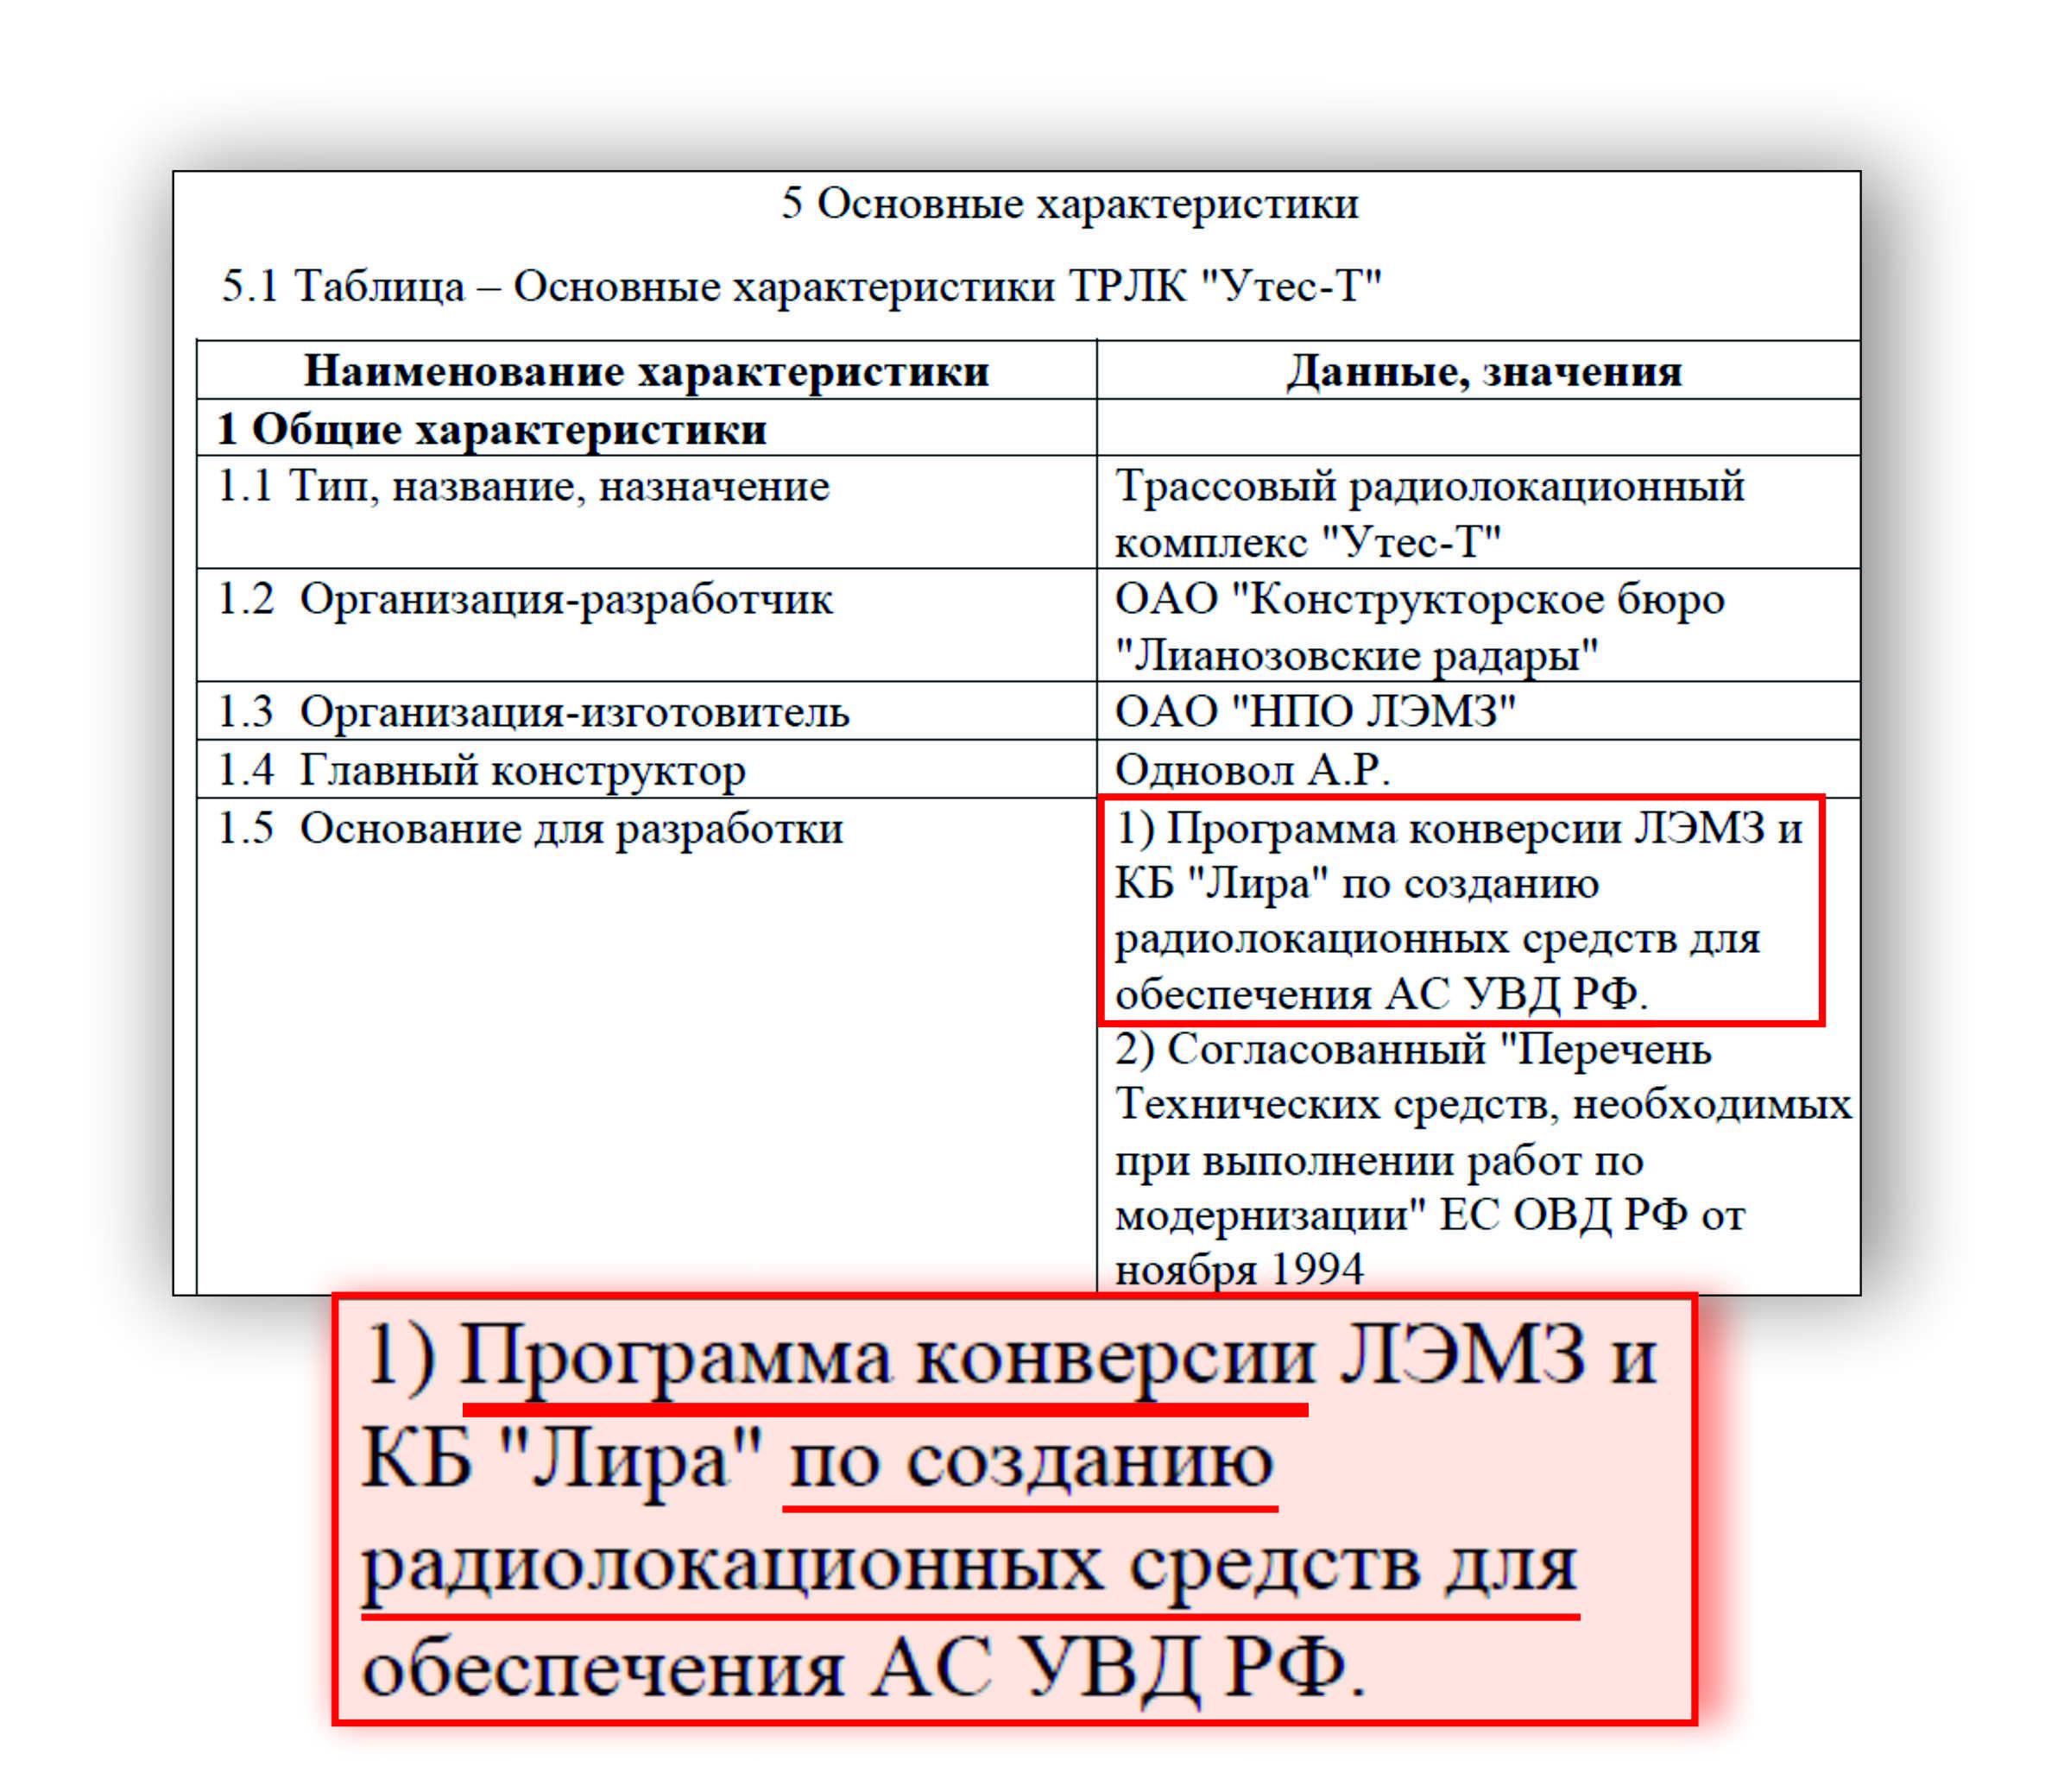 http://images.vfl.ru/ii/1619963302/a7ccddcf/34302721.jpg